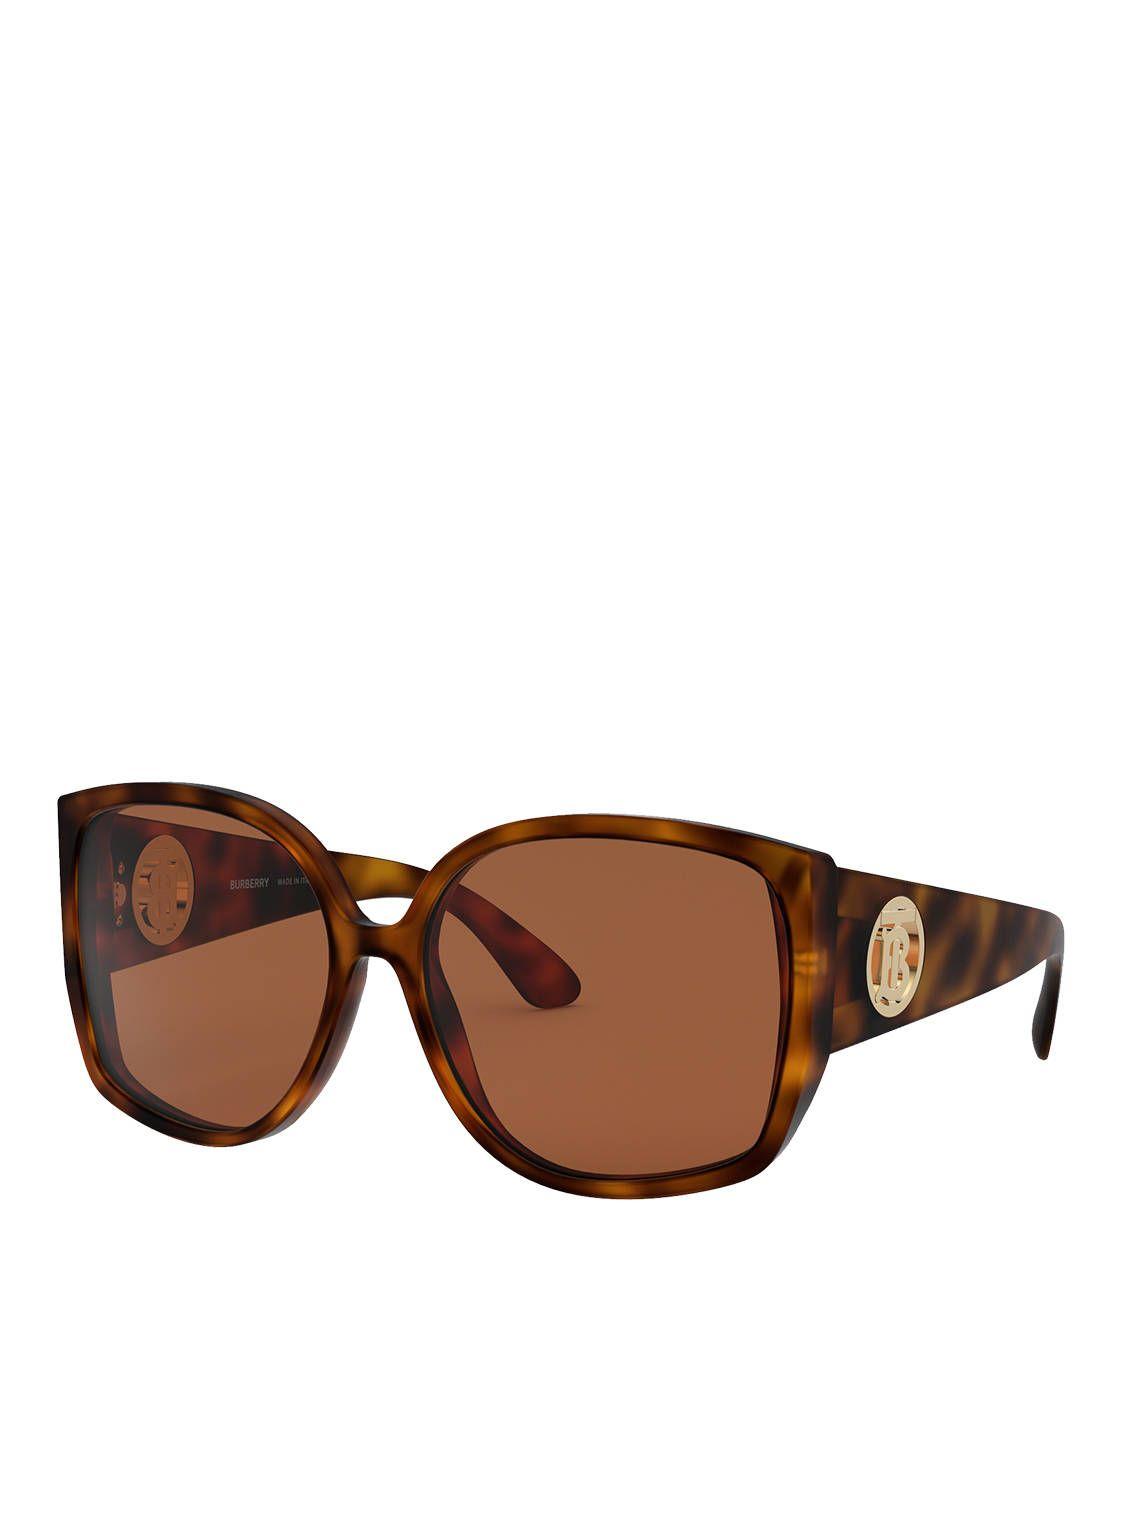 Sonnenbrille BE4290  von BURBERRY bei Breuninger kaufen